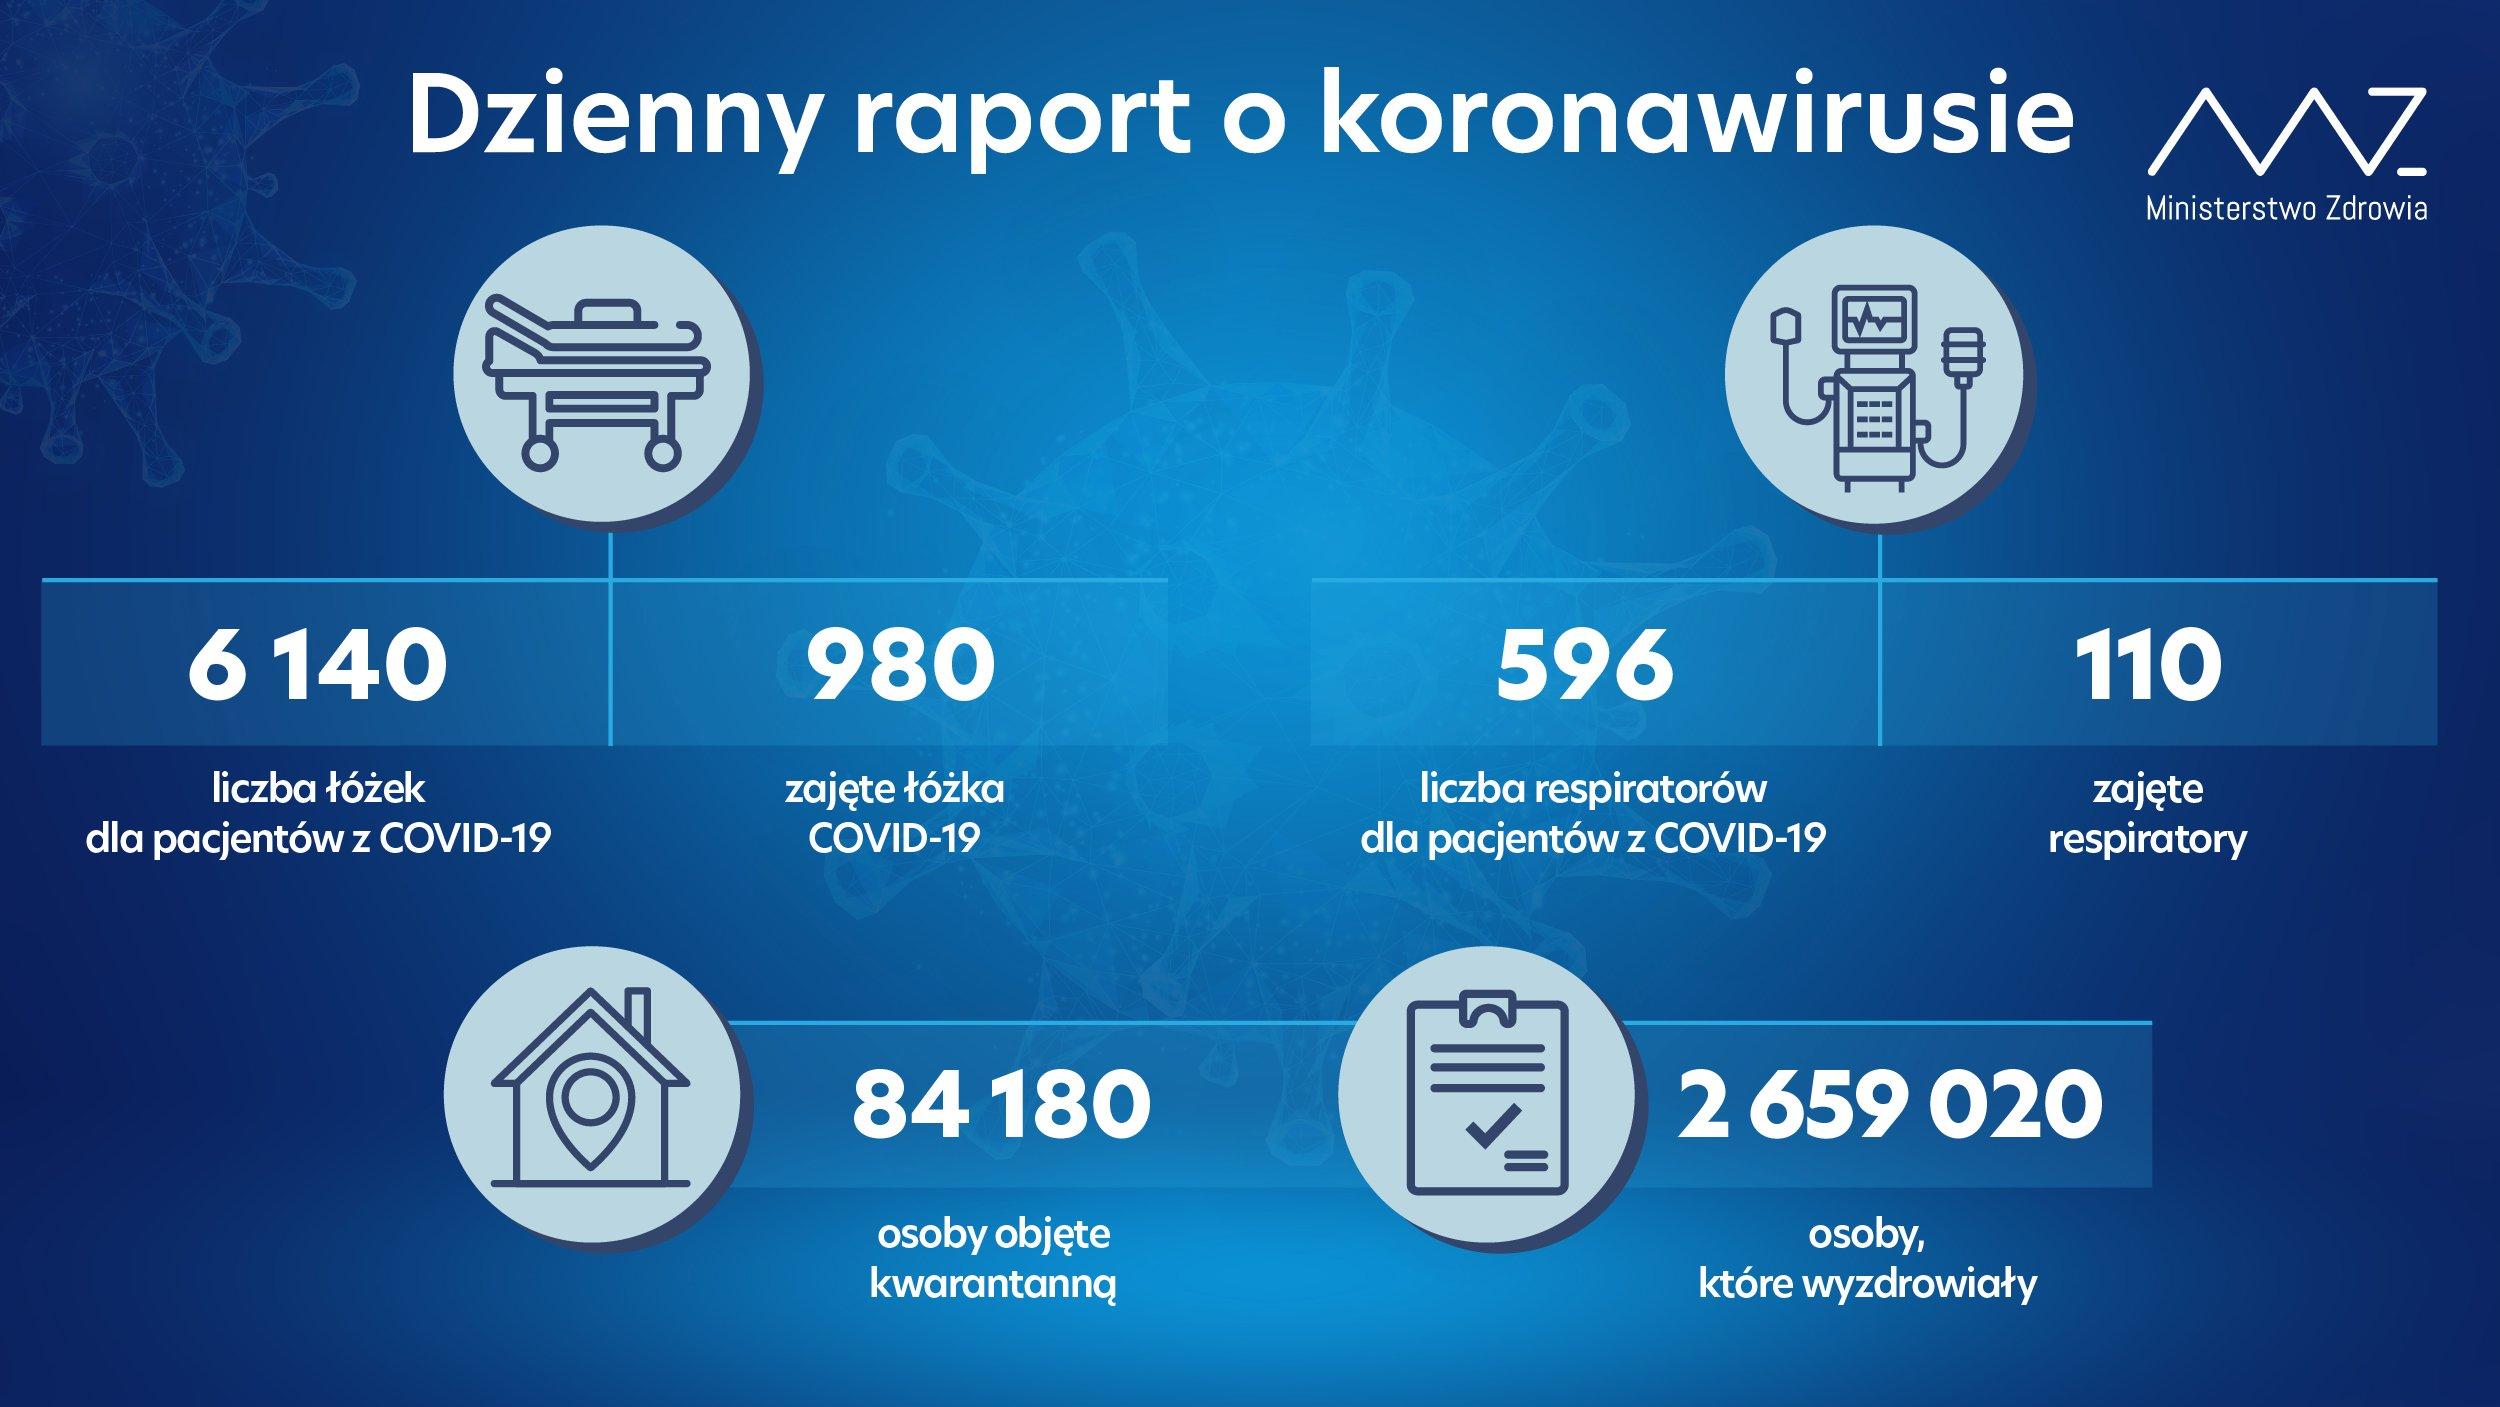 Raport dotyczący zakażeń koronawirusem